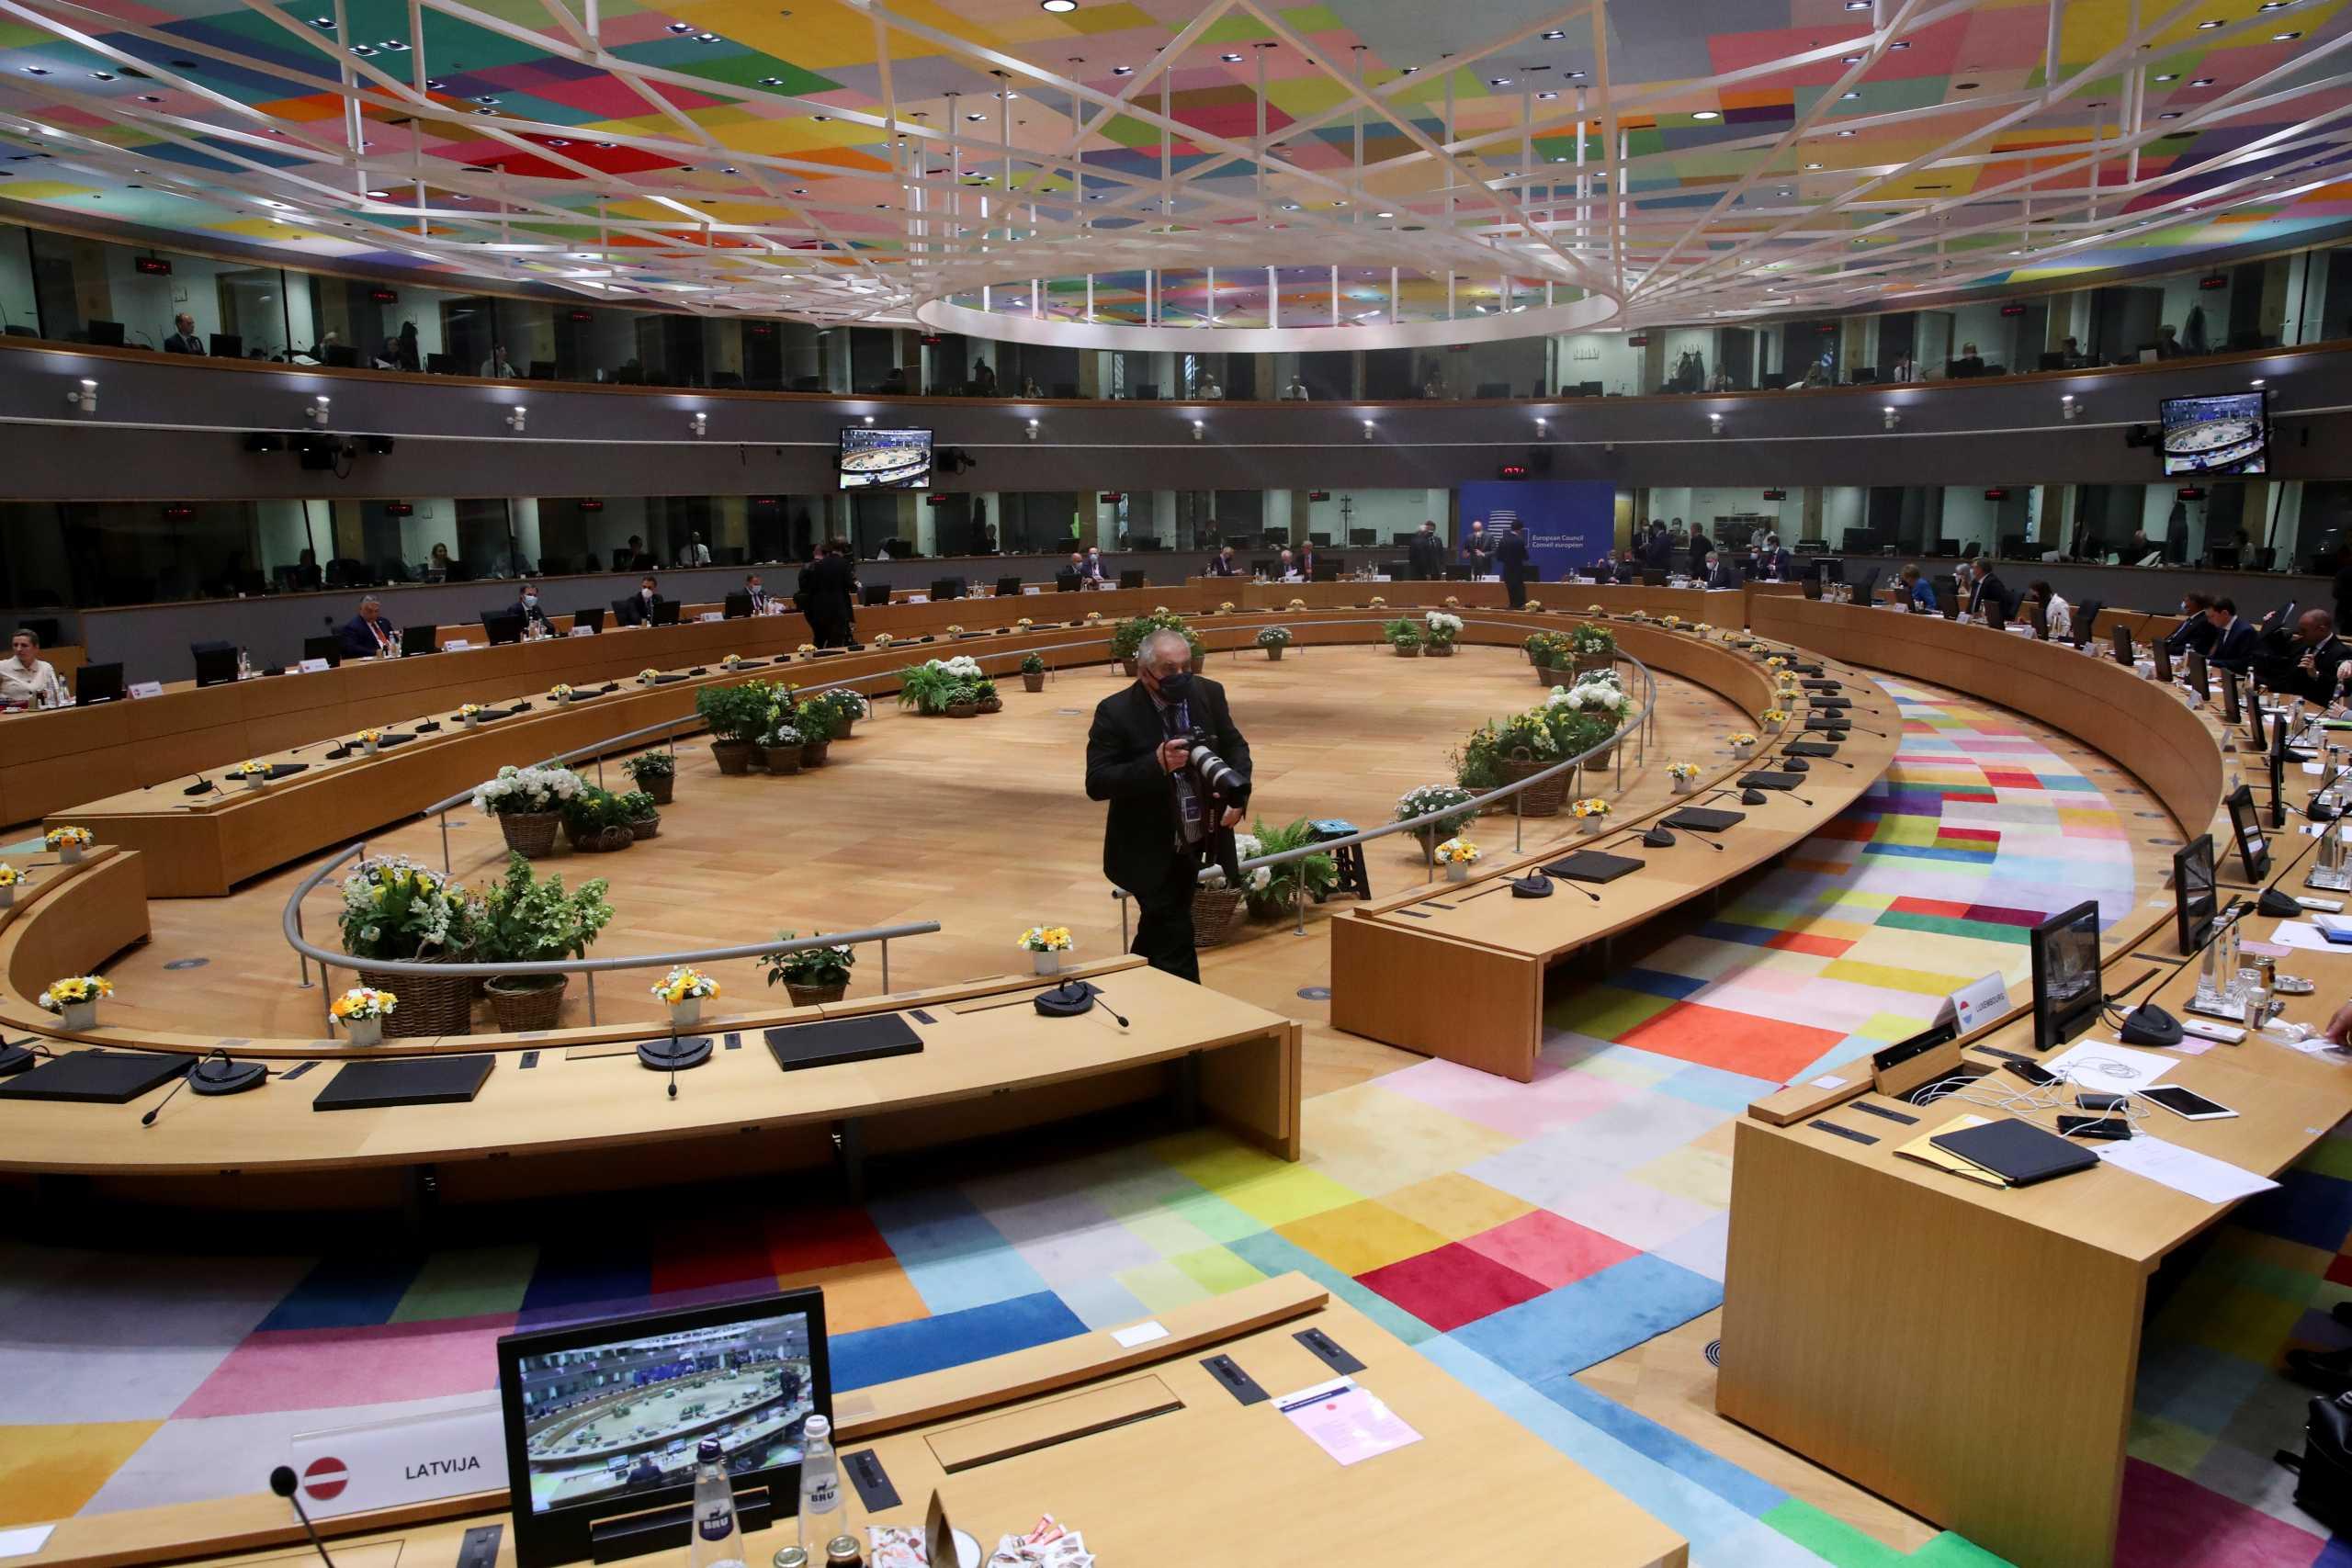 Σύνοδος Κορυφής: Αποκλεισμός του εναέριου χώρου της ΕΕ σε αεροπλάνα της Λευκορωσίας